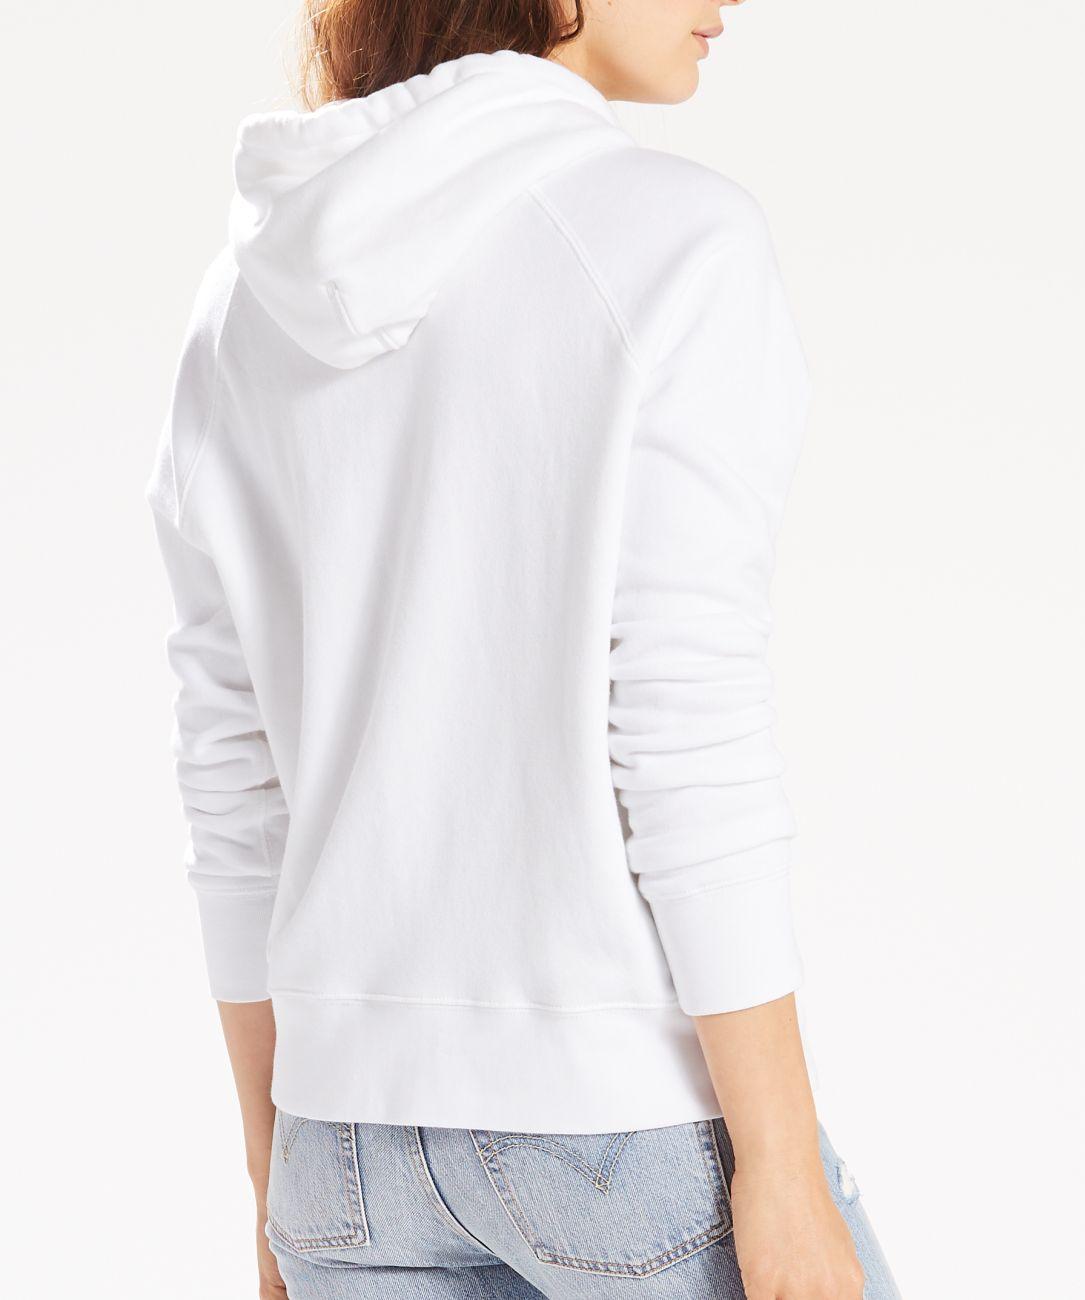 LEVIS Pullover für Damen Hoodie Sweater 35946-0010 weiss W18-LDP1